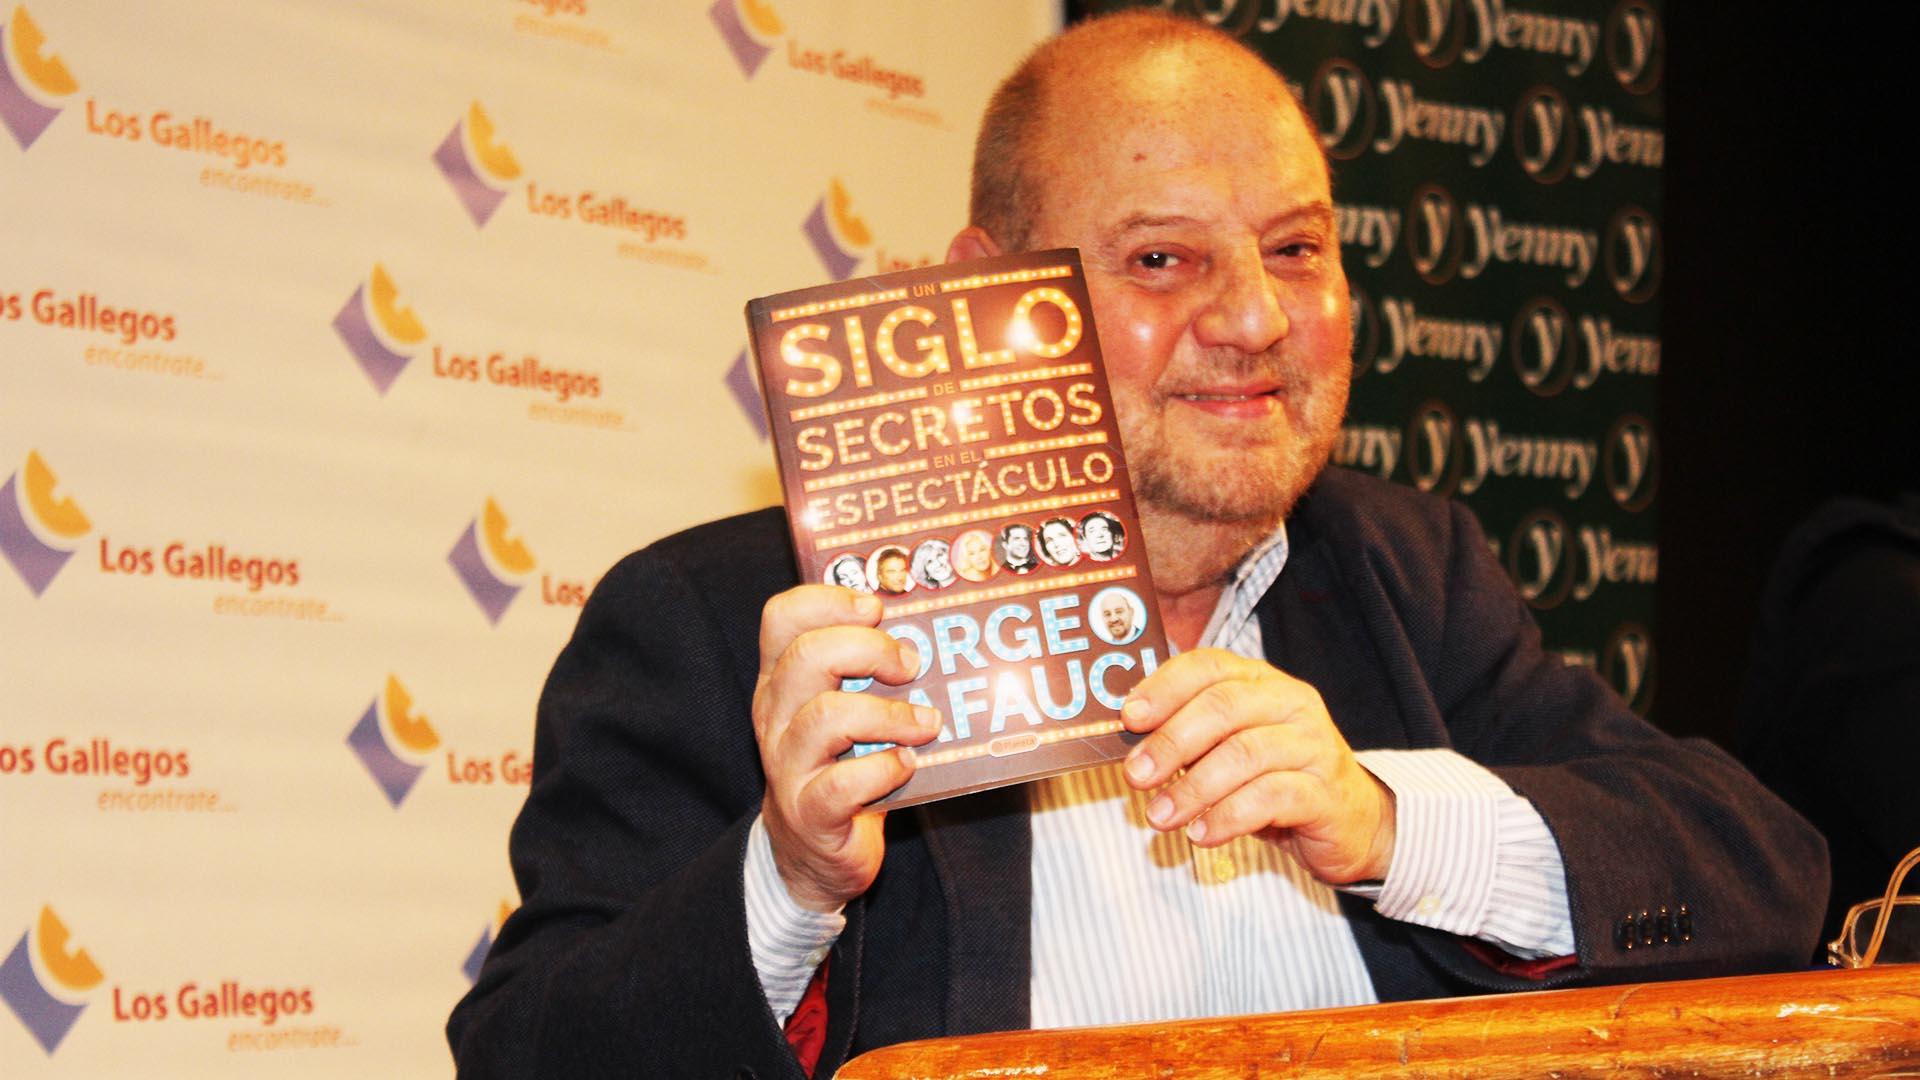 """El periodista Jorge Lafauci presentó su libro """"Un siglo de secretos en el espectáculo"""""""